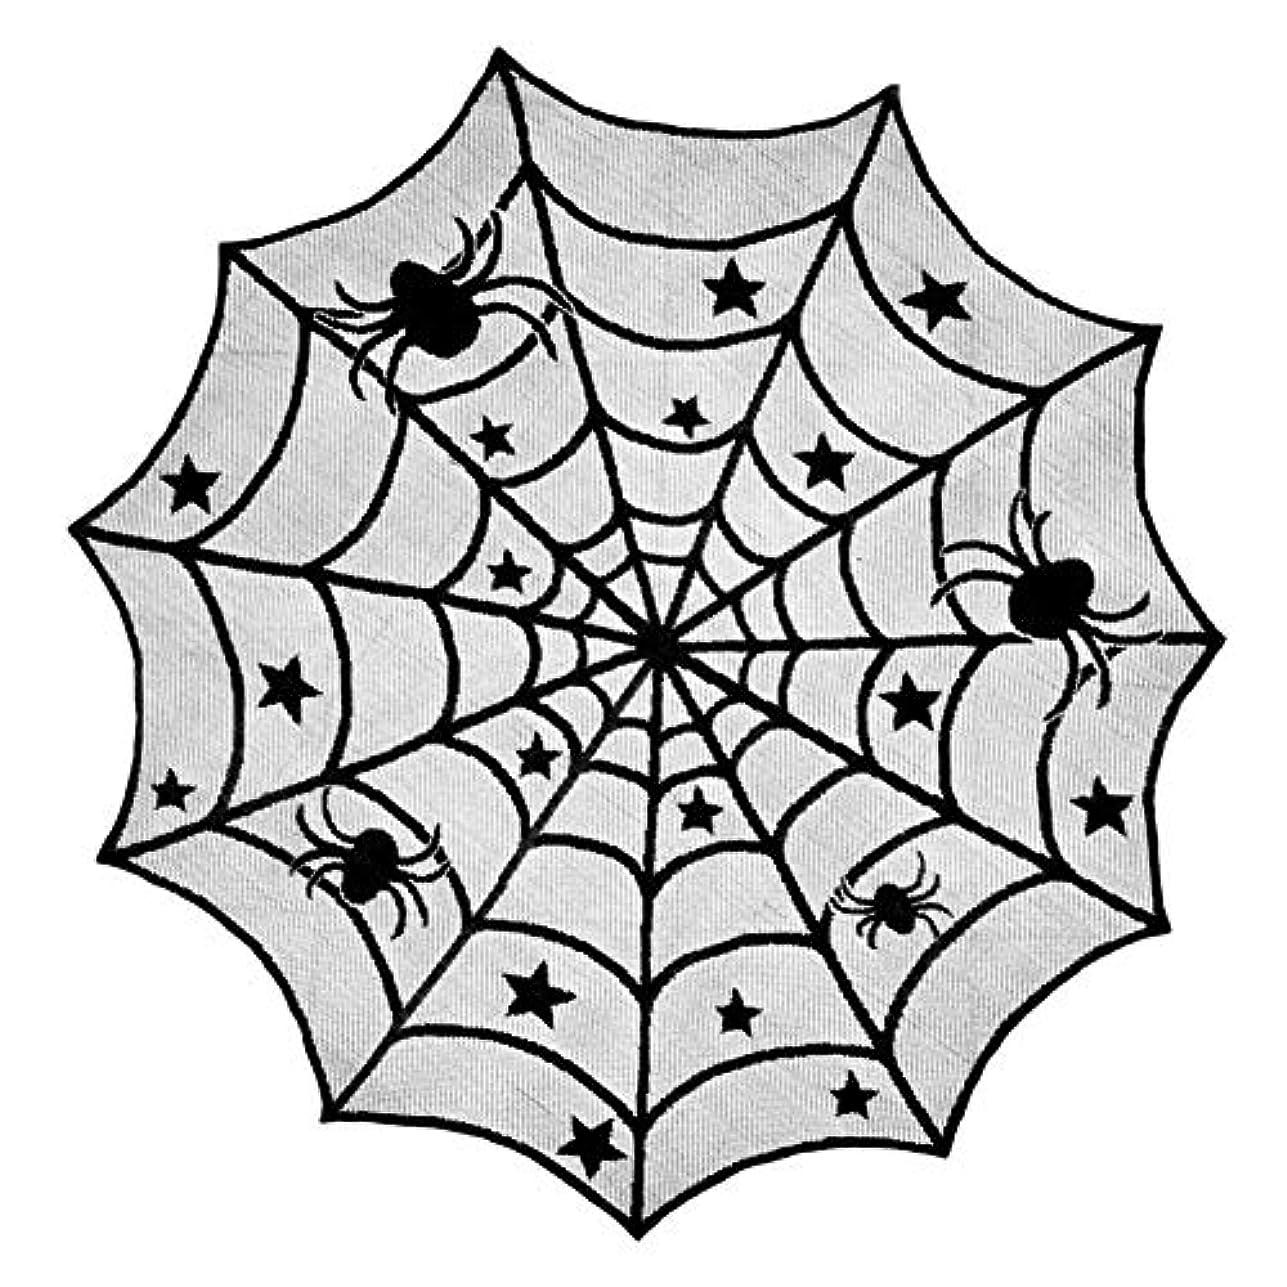 謎ファンネルウェブスパイダーライオンハロウィン 飾り テーブルクロス ブラックレース 蜘蛛の巣 舞台の飾り ハロウィンパーティー飾り 手芸 アクセサリー カーテン コスプレ 室内 暖炉 (スタイルC)